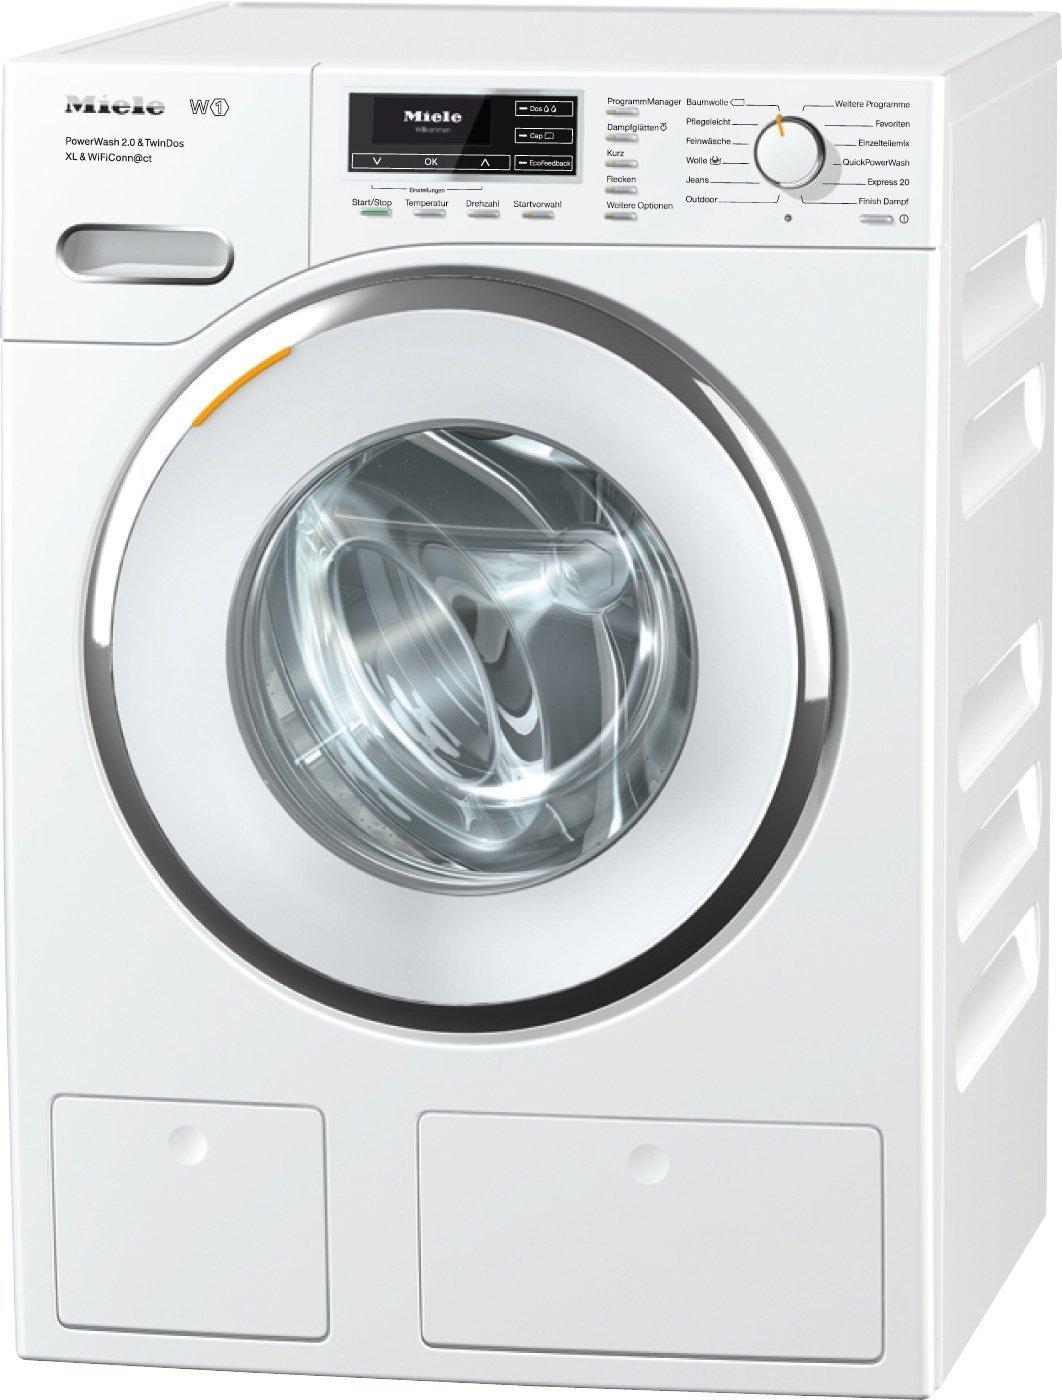 Miele WMR863 WPS WiFiConnect-Waschmaschine bei Amazon im Smart-Home-Set!